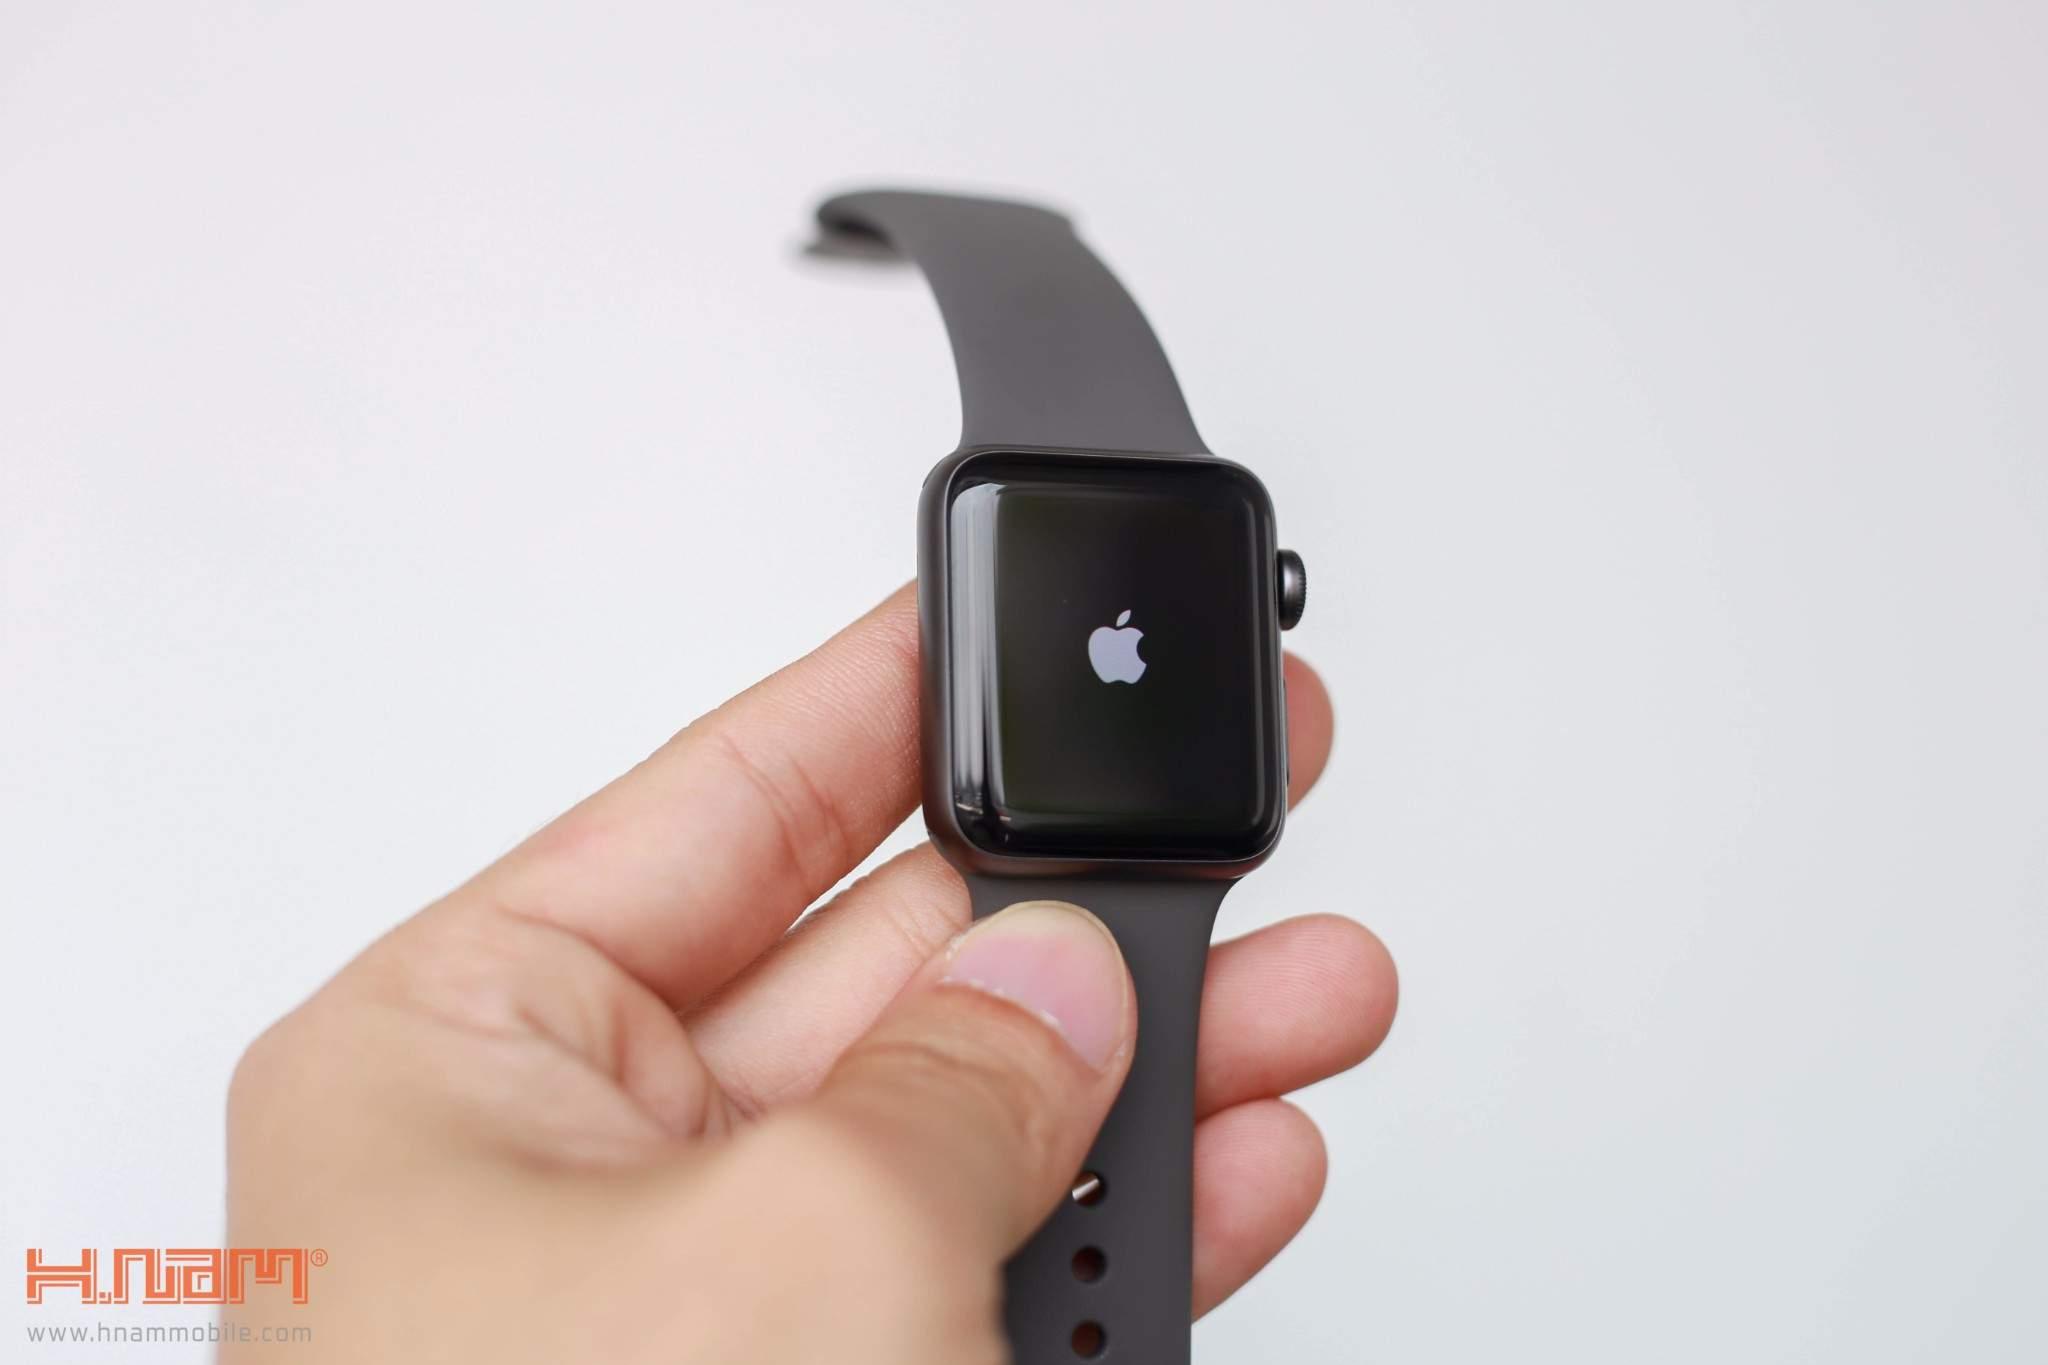 Apple Watch Series 3 Cellular 38mm Gold Aluminum Case - MQJQ2 (Trôi bảo hành , chưa Active ) hình sản phẩm 0